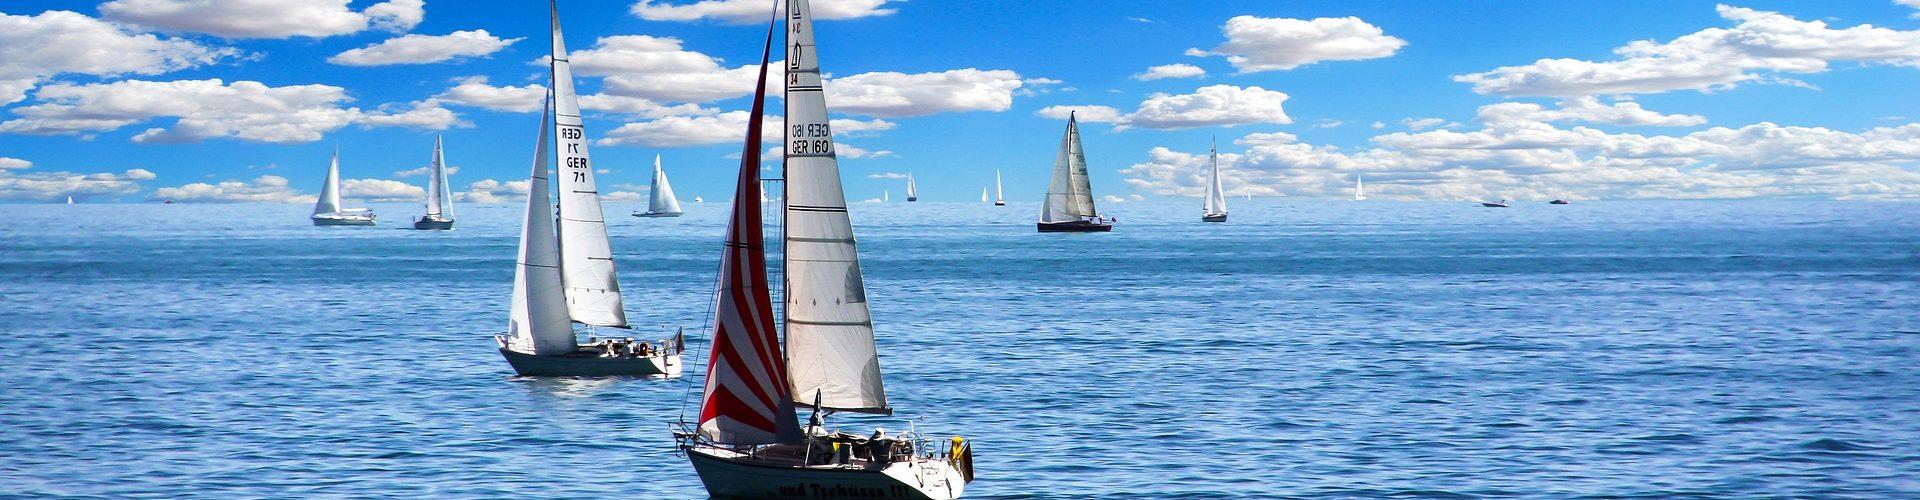 segeln lernen in Wolfsburg segelschein machen in Wolfsburg 1920x500 - Segeln lernen in Wolfsburg